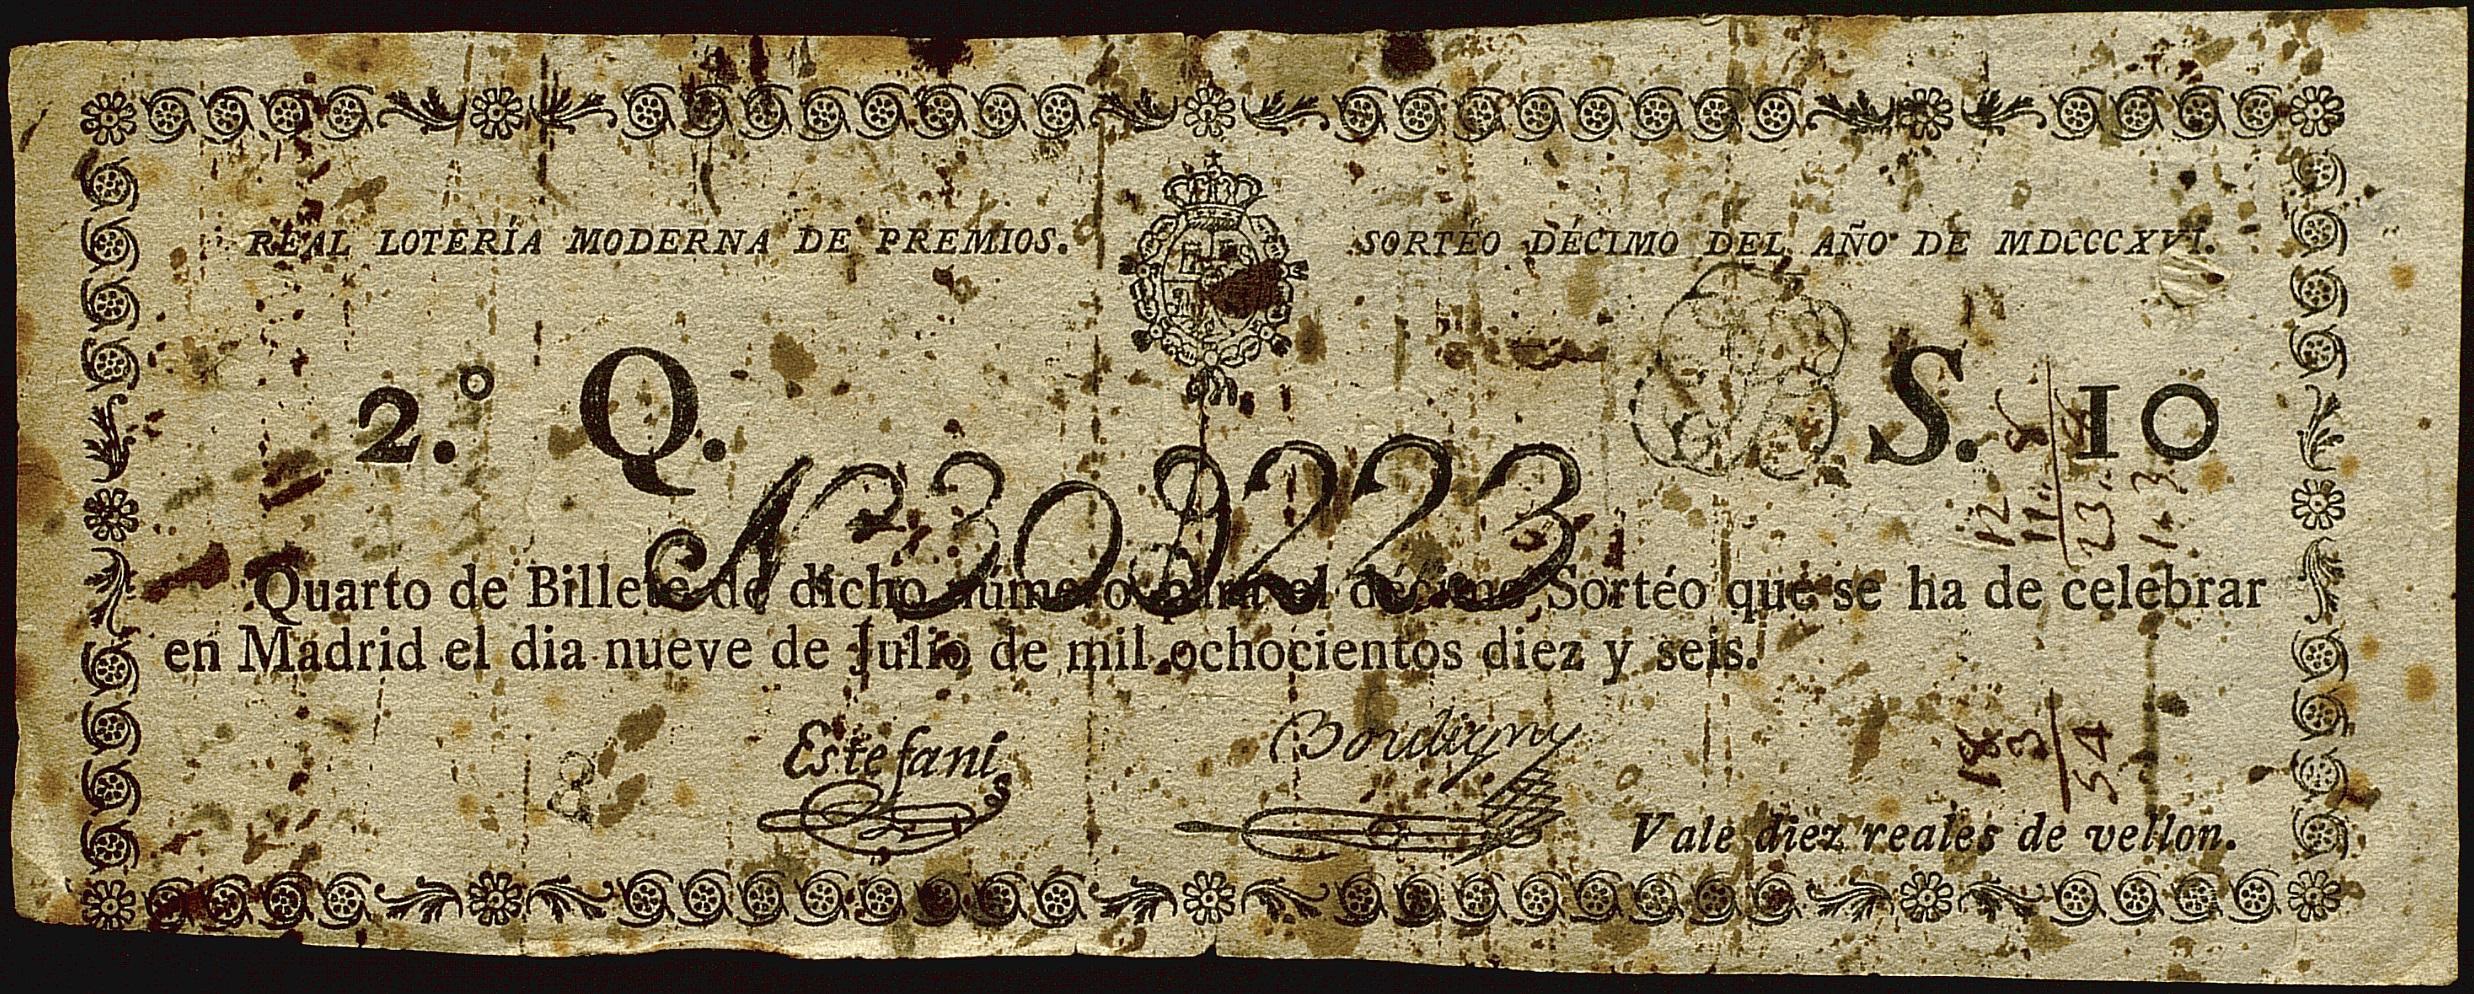 Billete de la Loteria